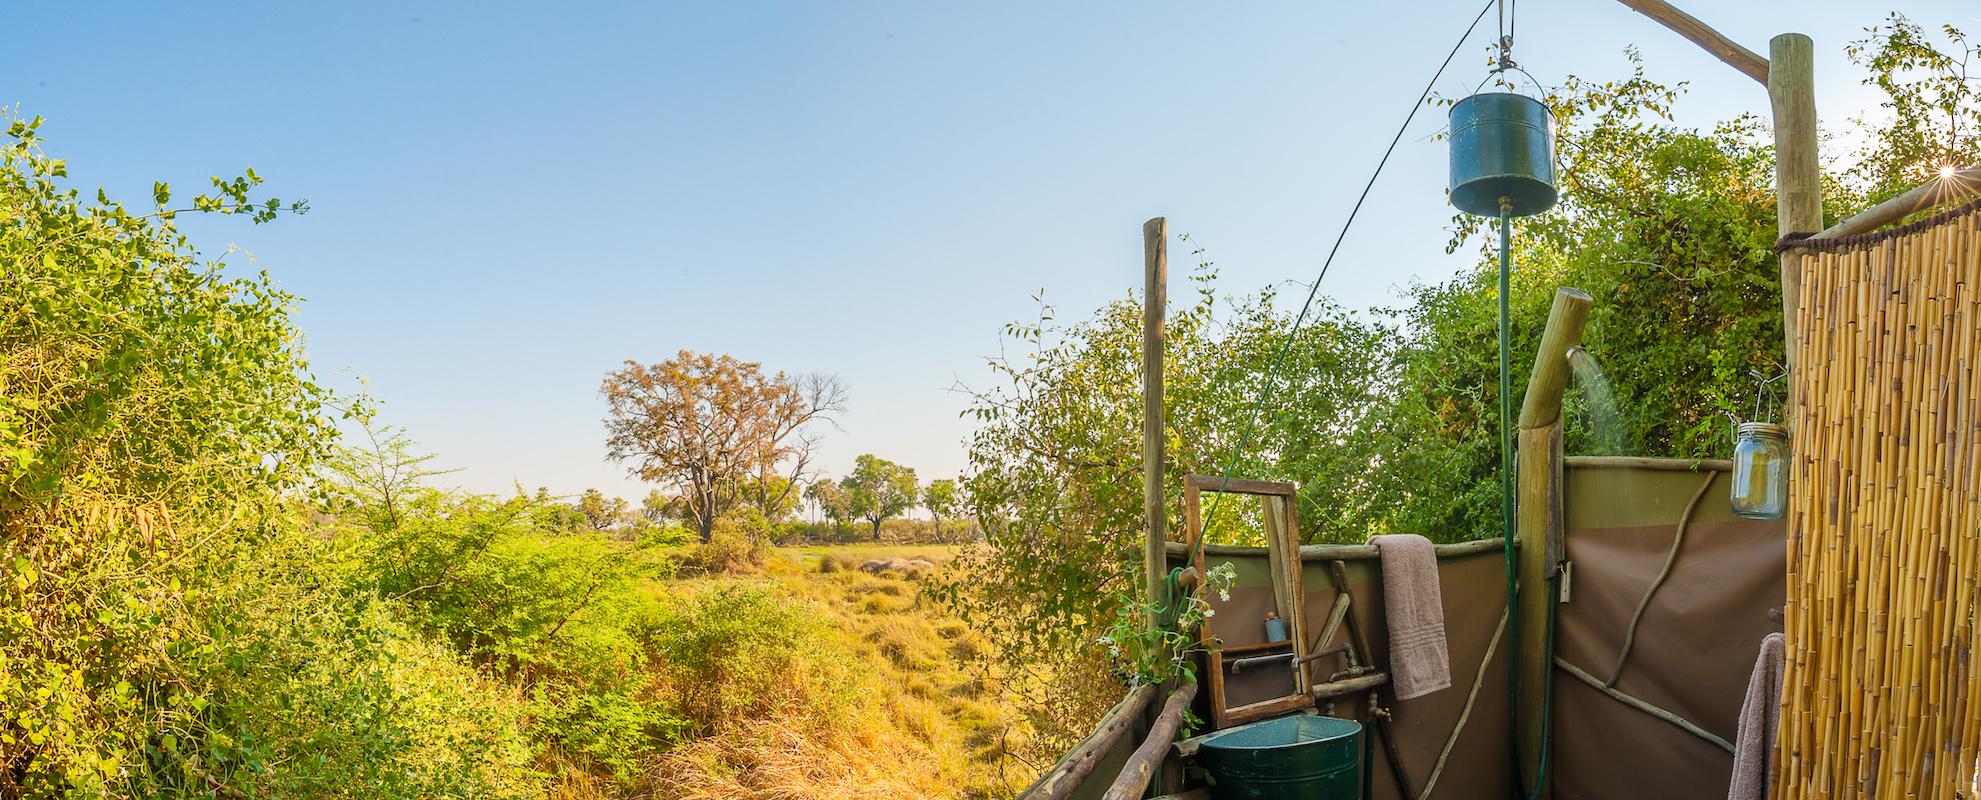 Impressions de voyage de Lauriane & Cédric, Botswana Par les Airs, Octobre 2018